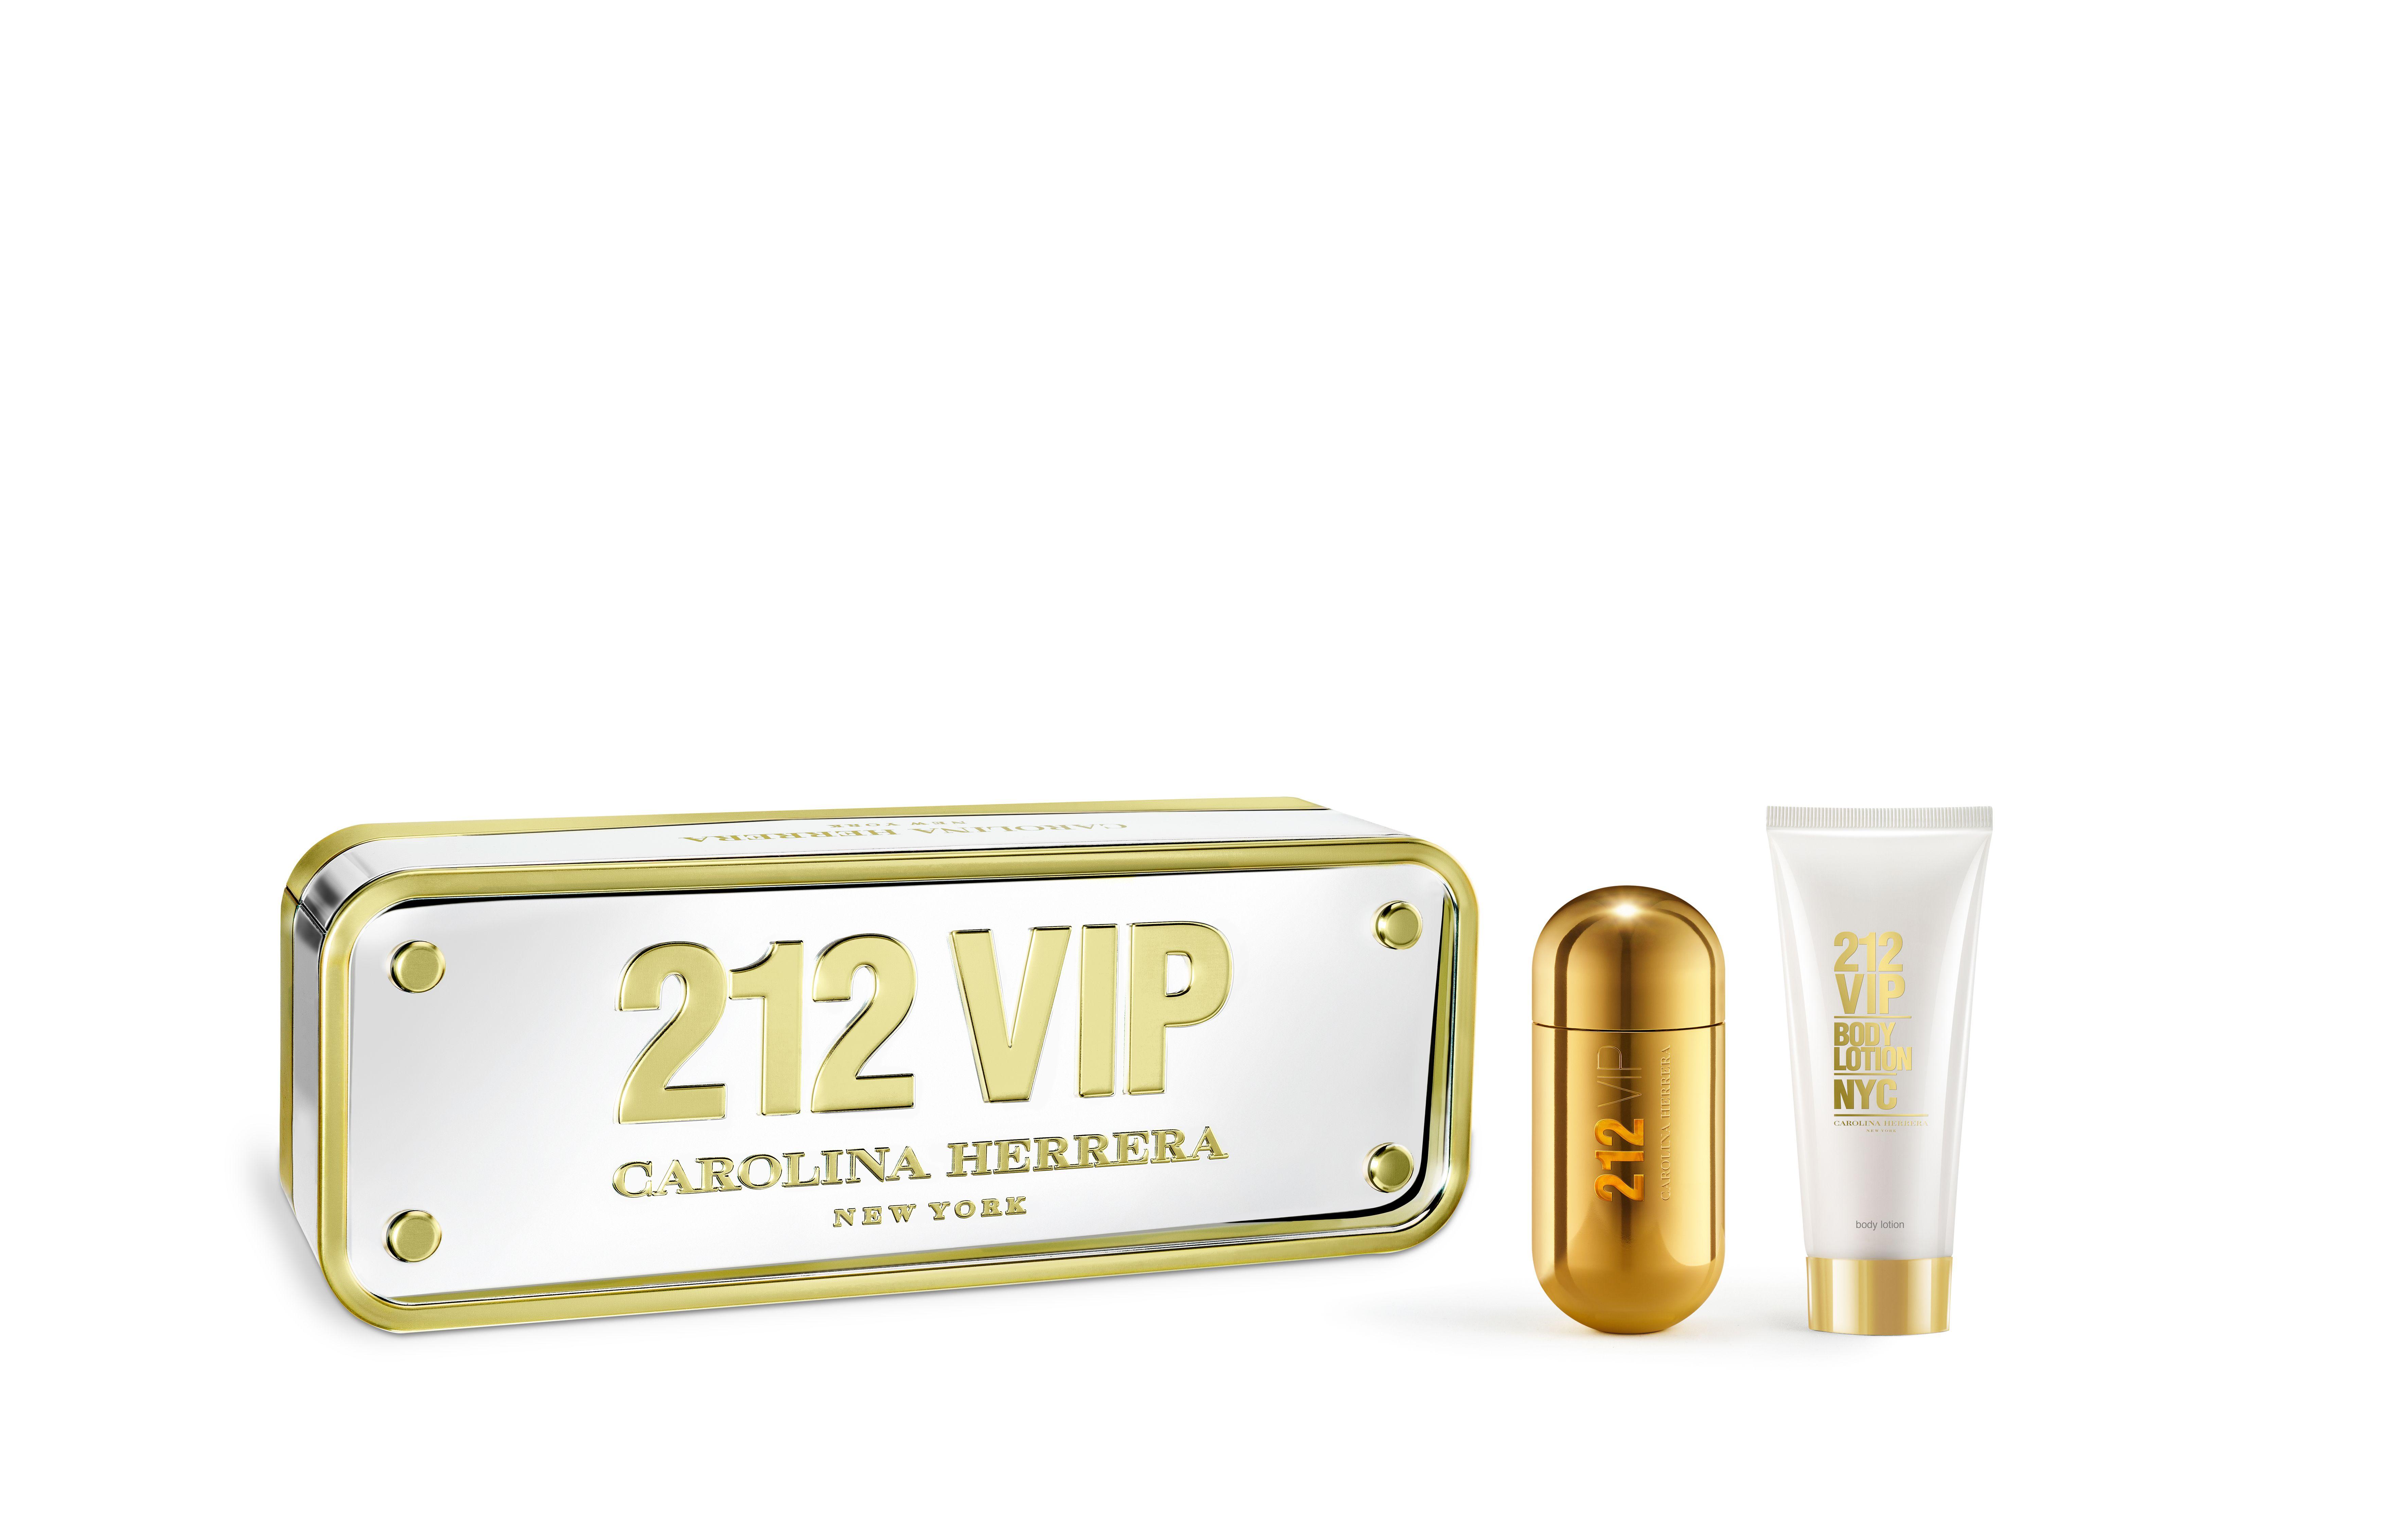 Idée Cadeau - Coffret 212 VIP CAROLINA HERRERA Ce coffret contient  - Une  Eau de Parfum 50ml - Un Lait pour le Corps 100ml Prix   155dt000  Fatales  ... 6f96c7bc1a63